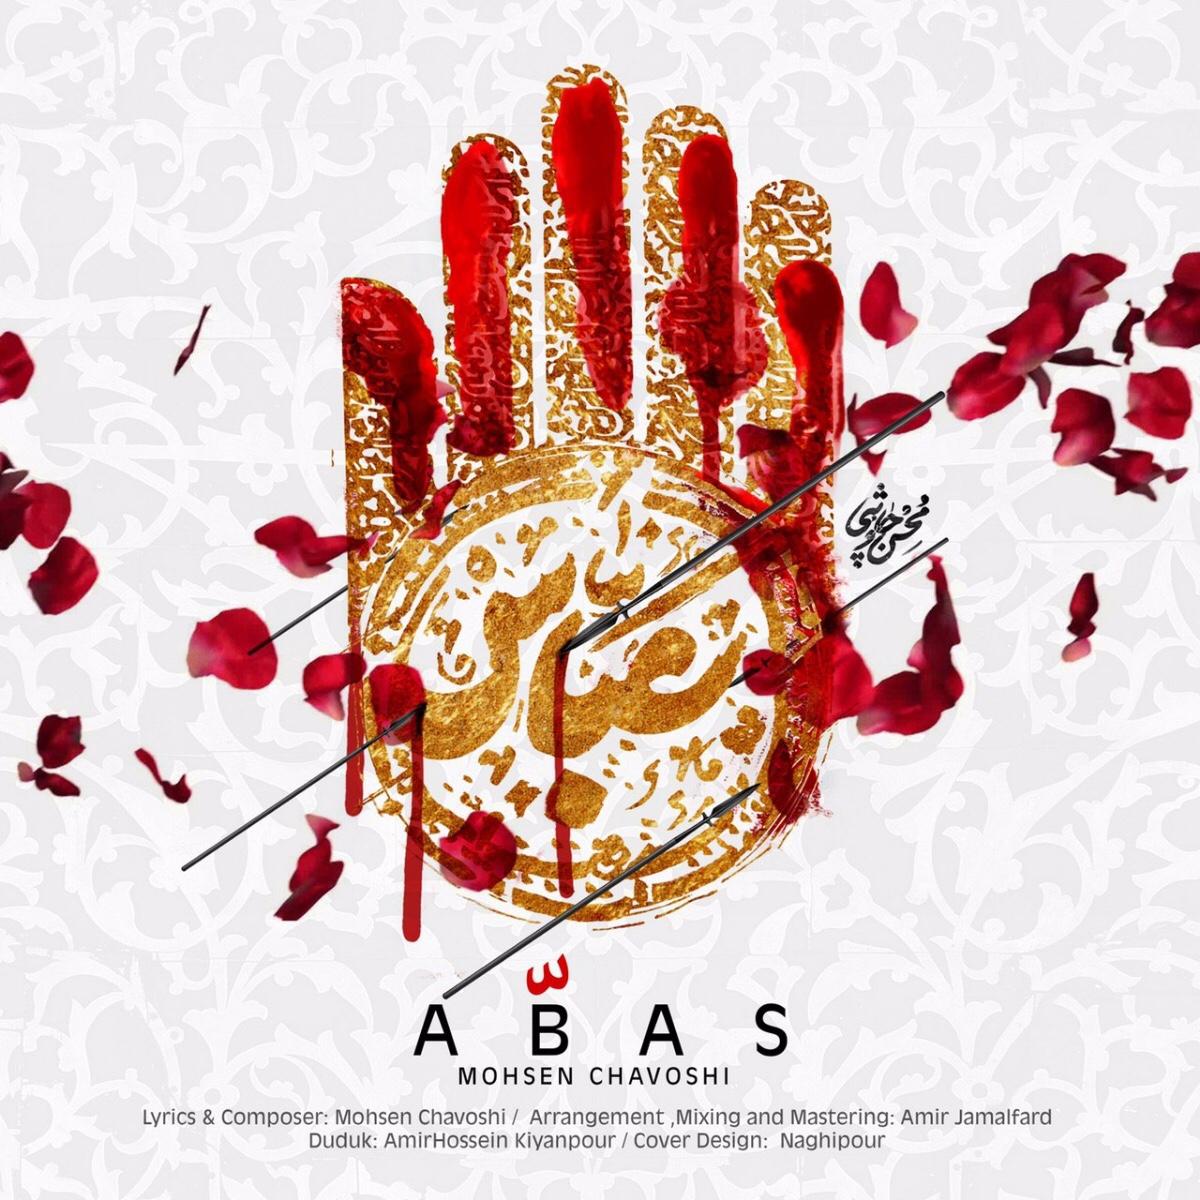 دانلود اهنگ جدید محسن چاوشی عباس